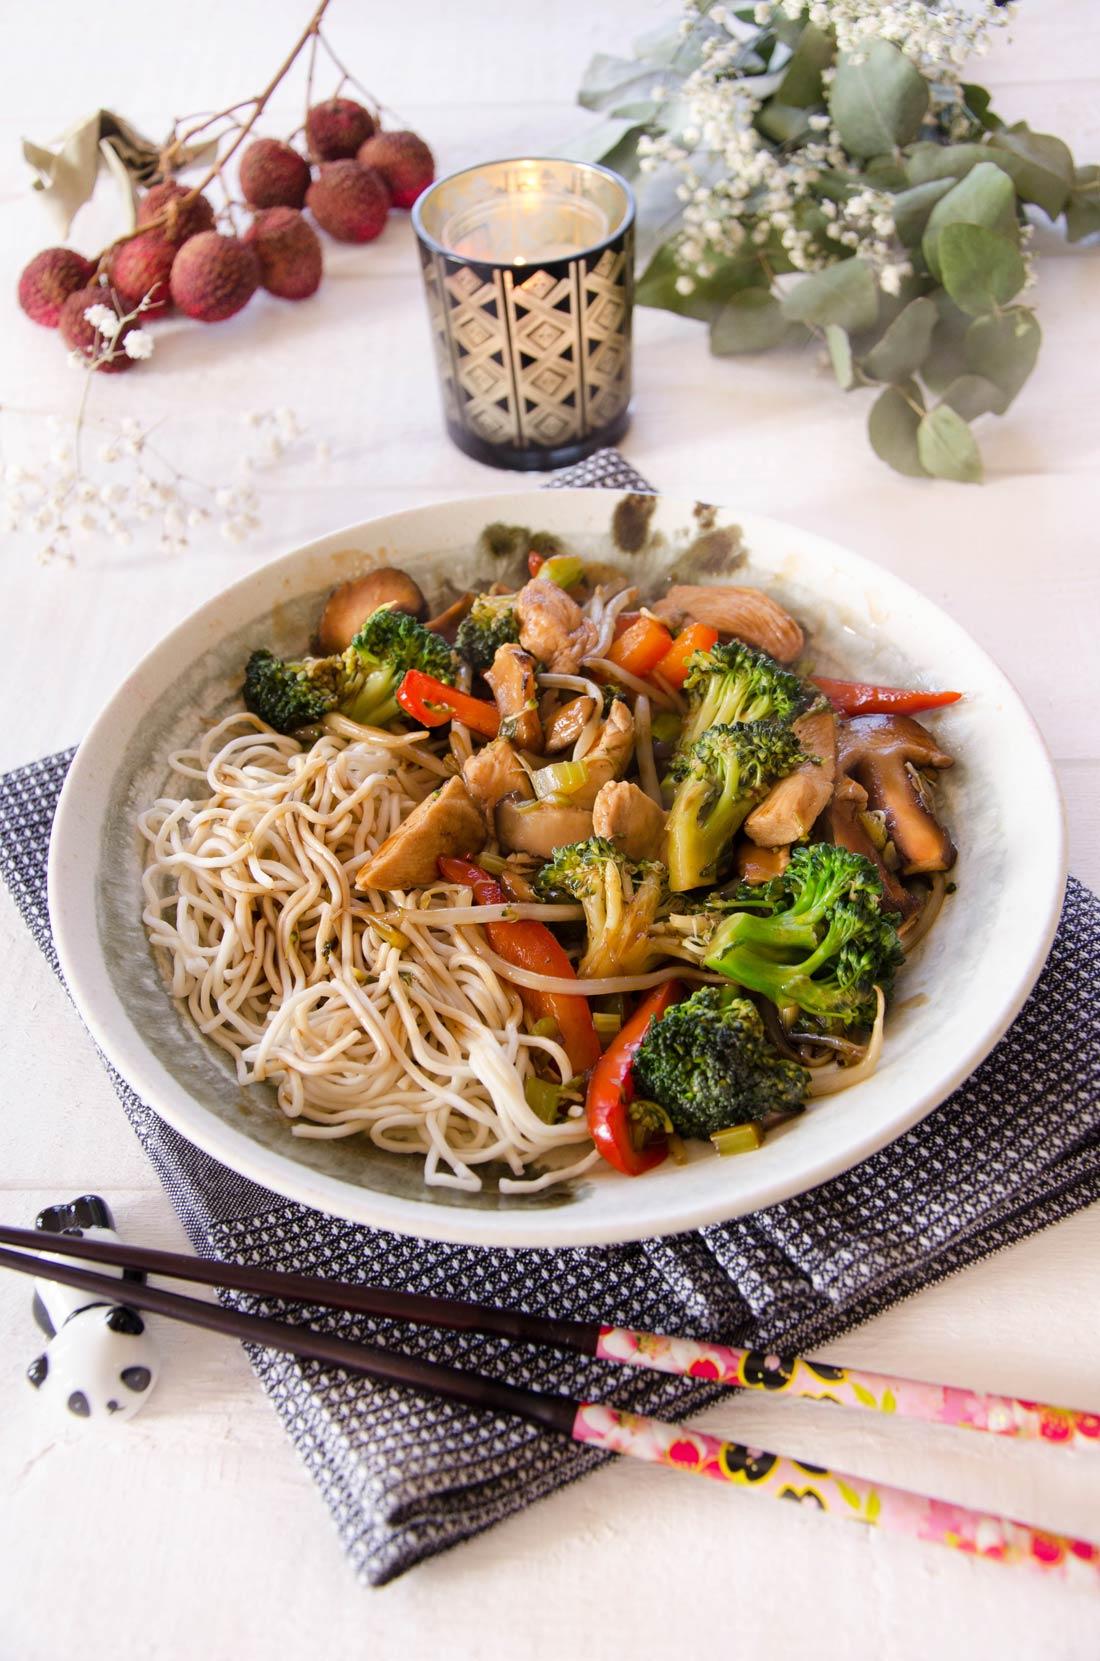 Recette de nouilles sautées au poulet, des chow mein